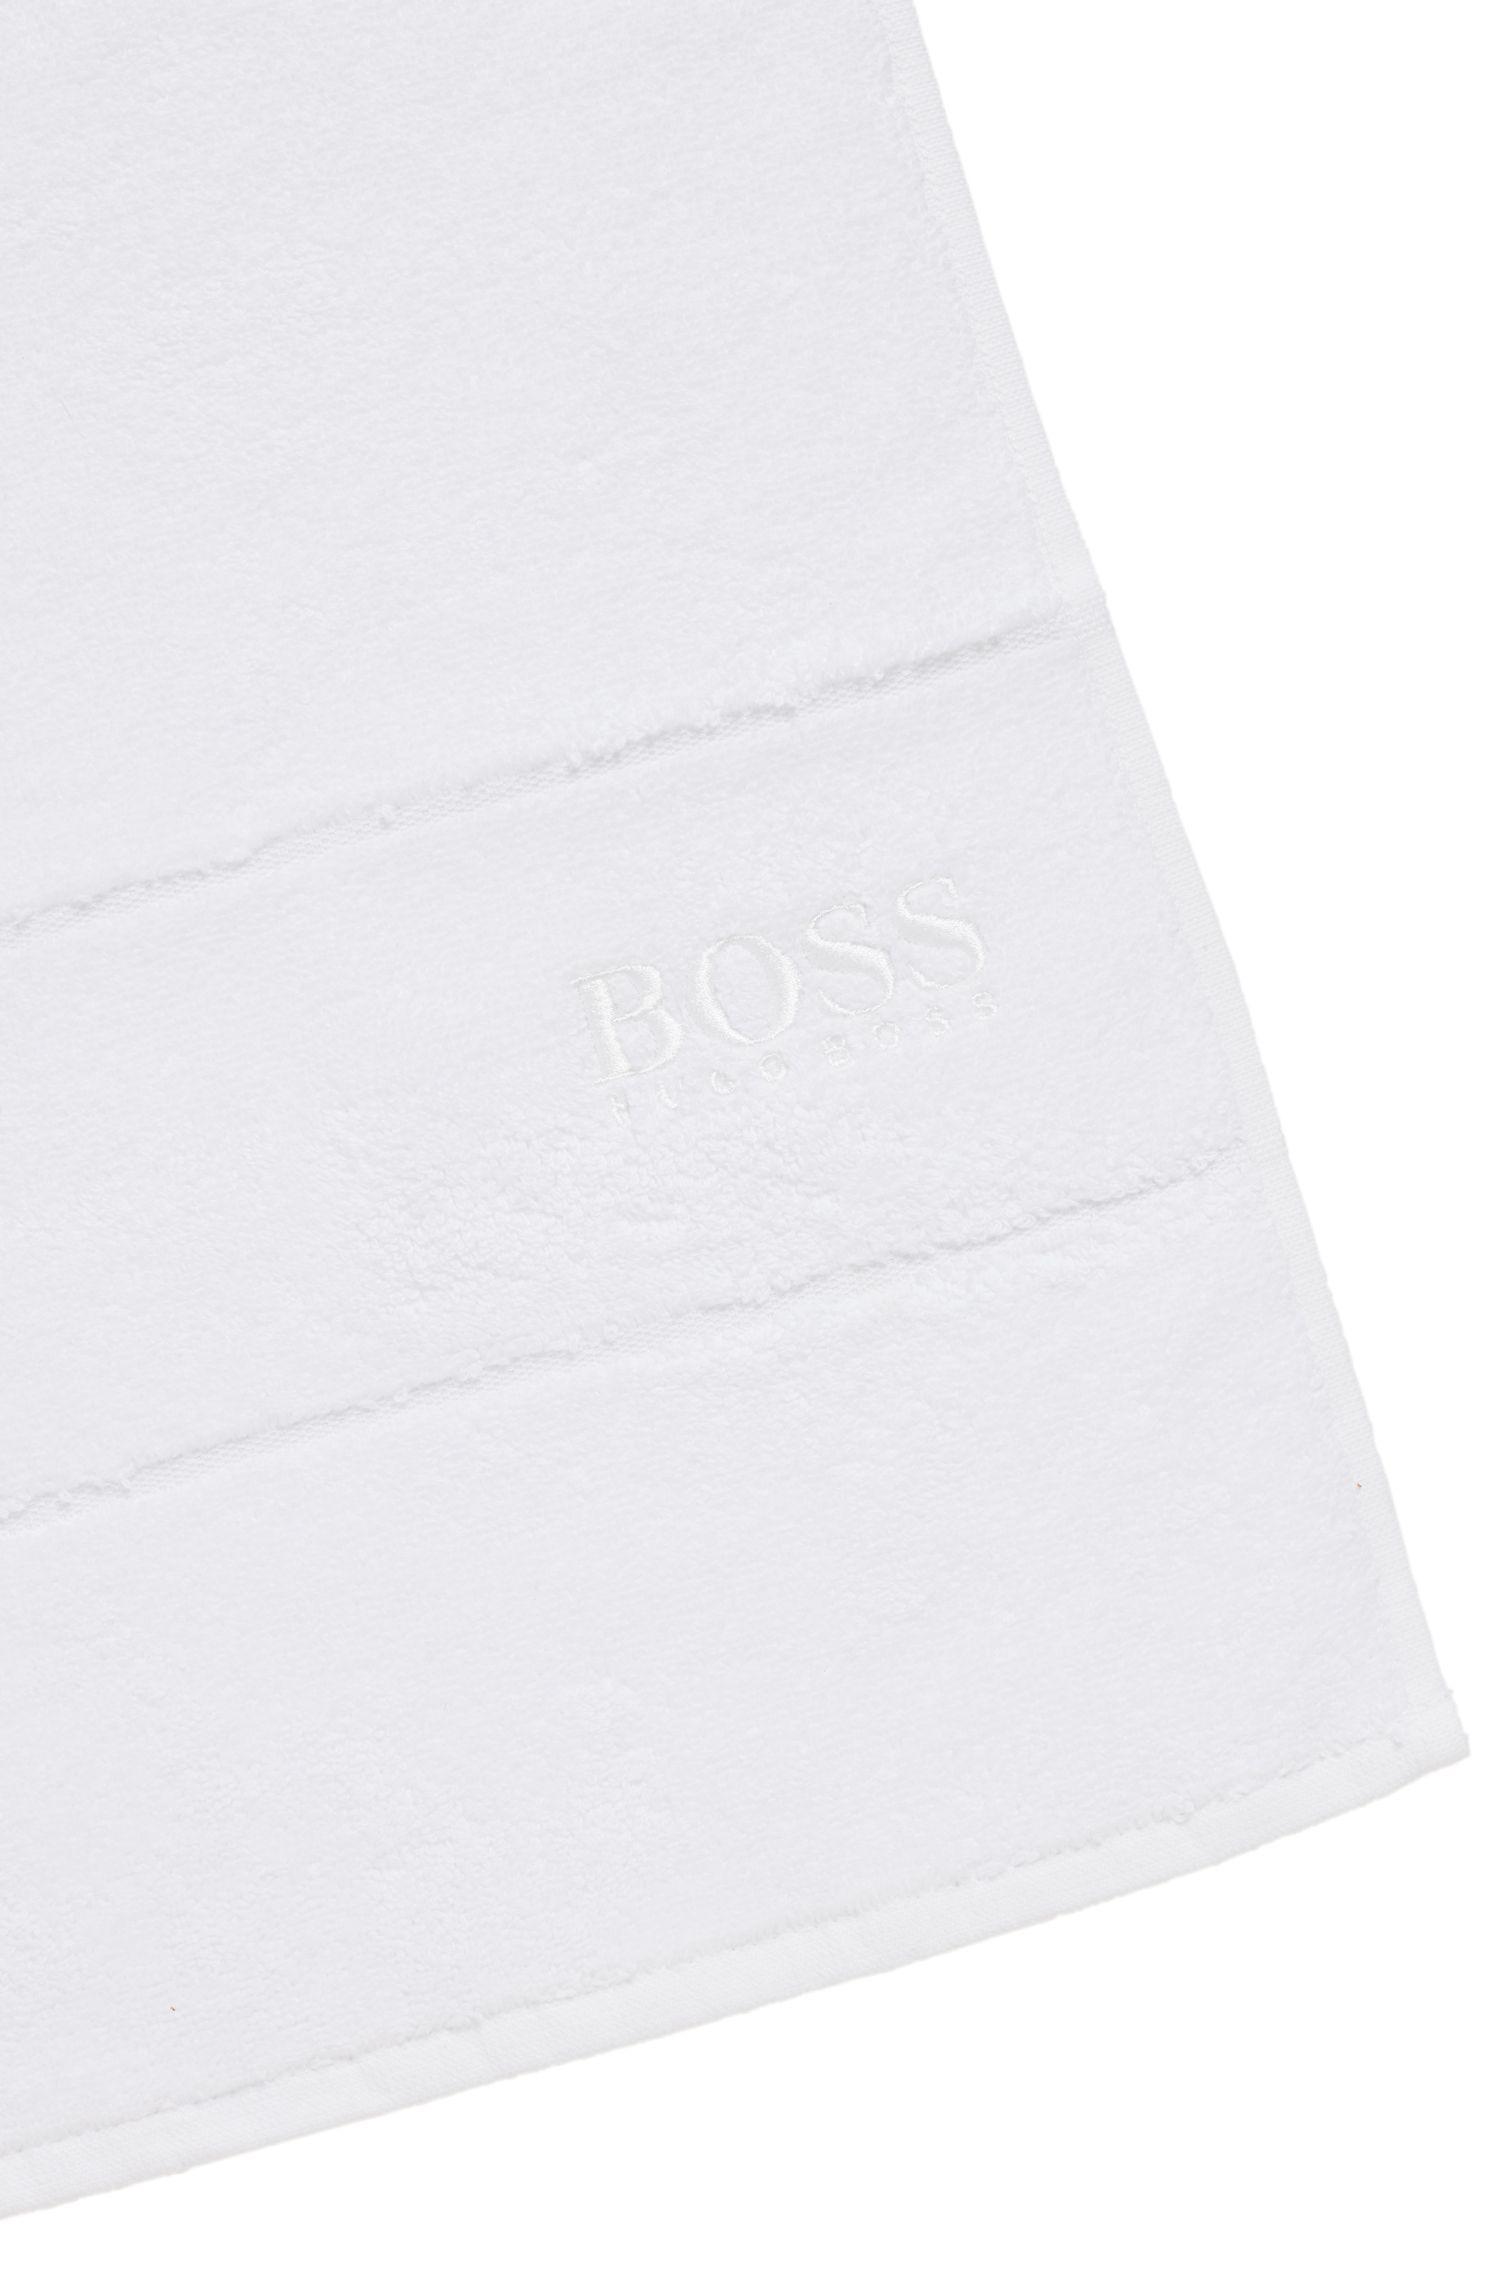 Serviette de toilette pour invité en coton égyptien des plus raffinés avec bordure logo, Blanc